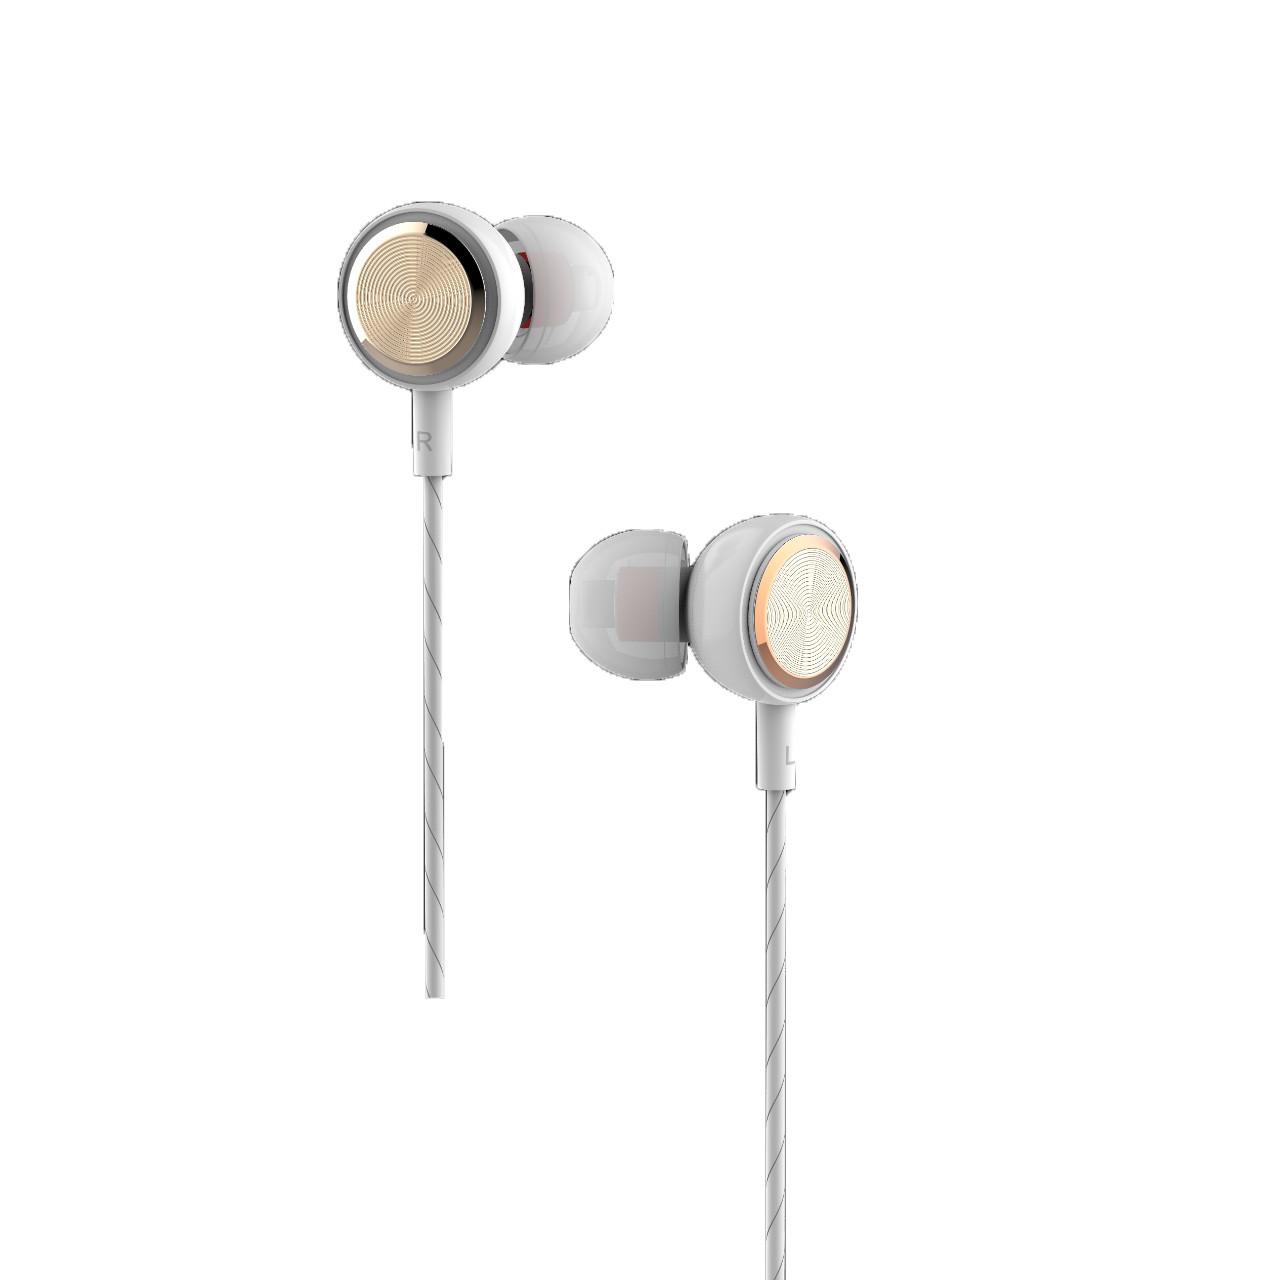 Tai nghe nhét tai có dây Jack cắm 3.5mm có Mic/Microphone VivuMax J12 - Cho iOS/Apple (iPhone/iPad), Android (Samsung, Sony, Xiaomi, Huawei, Oppo) Màu Trắng/Đen - Hàng Chính Hãng